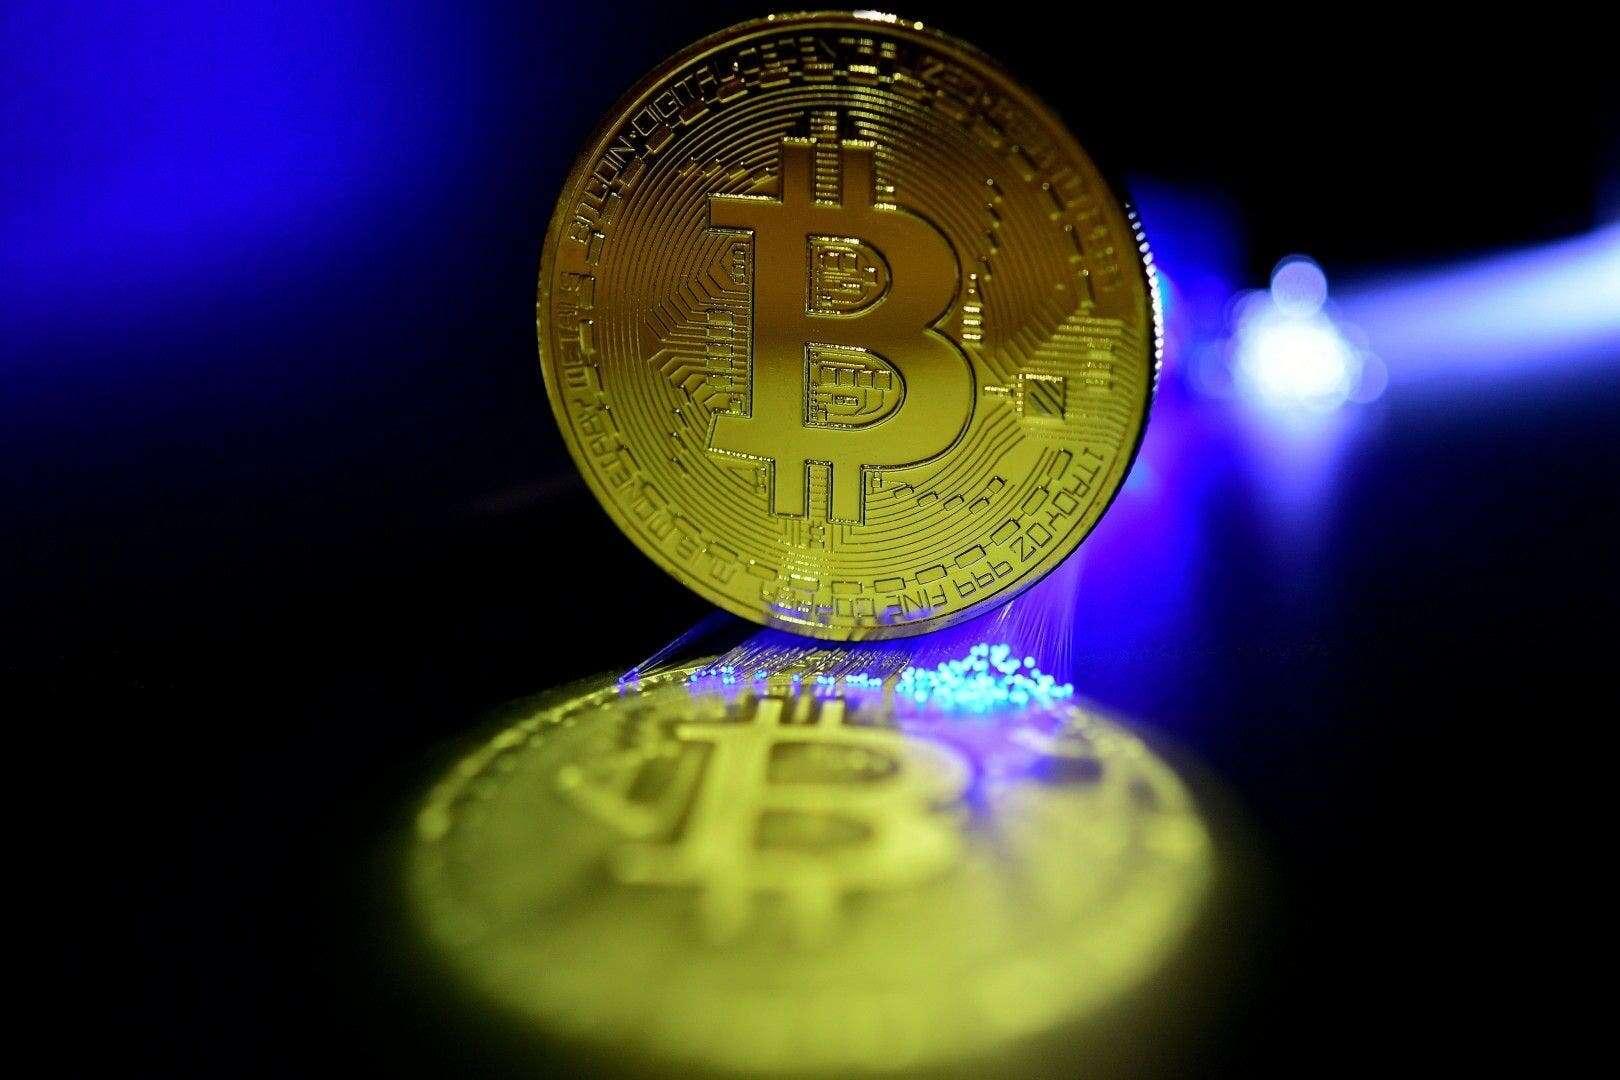 Moneda de bitcoin, la criptomoneda más extendida